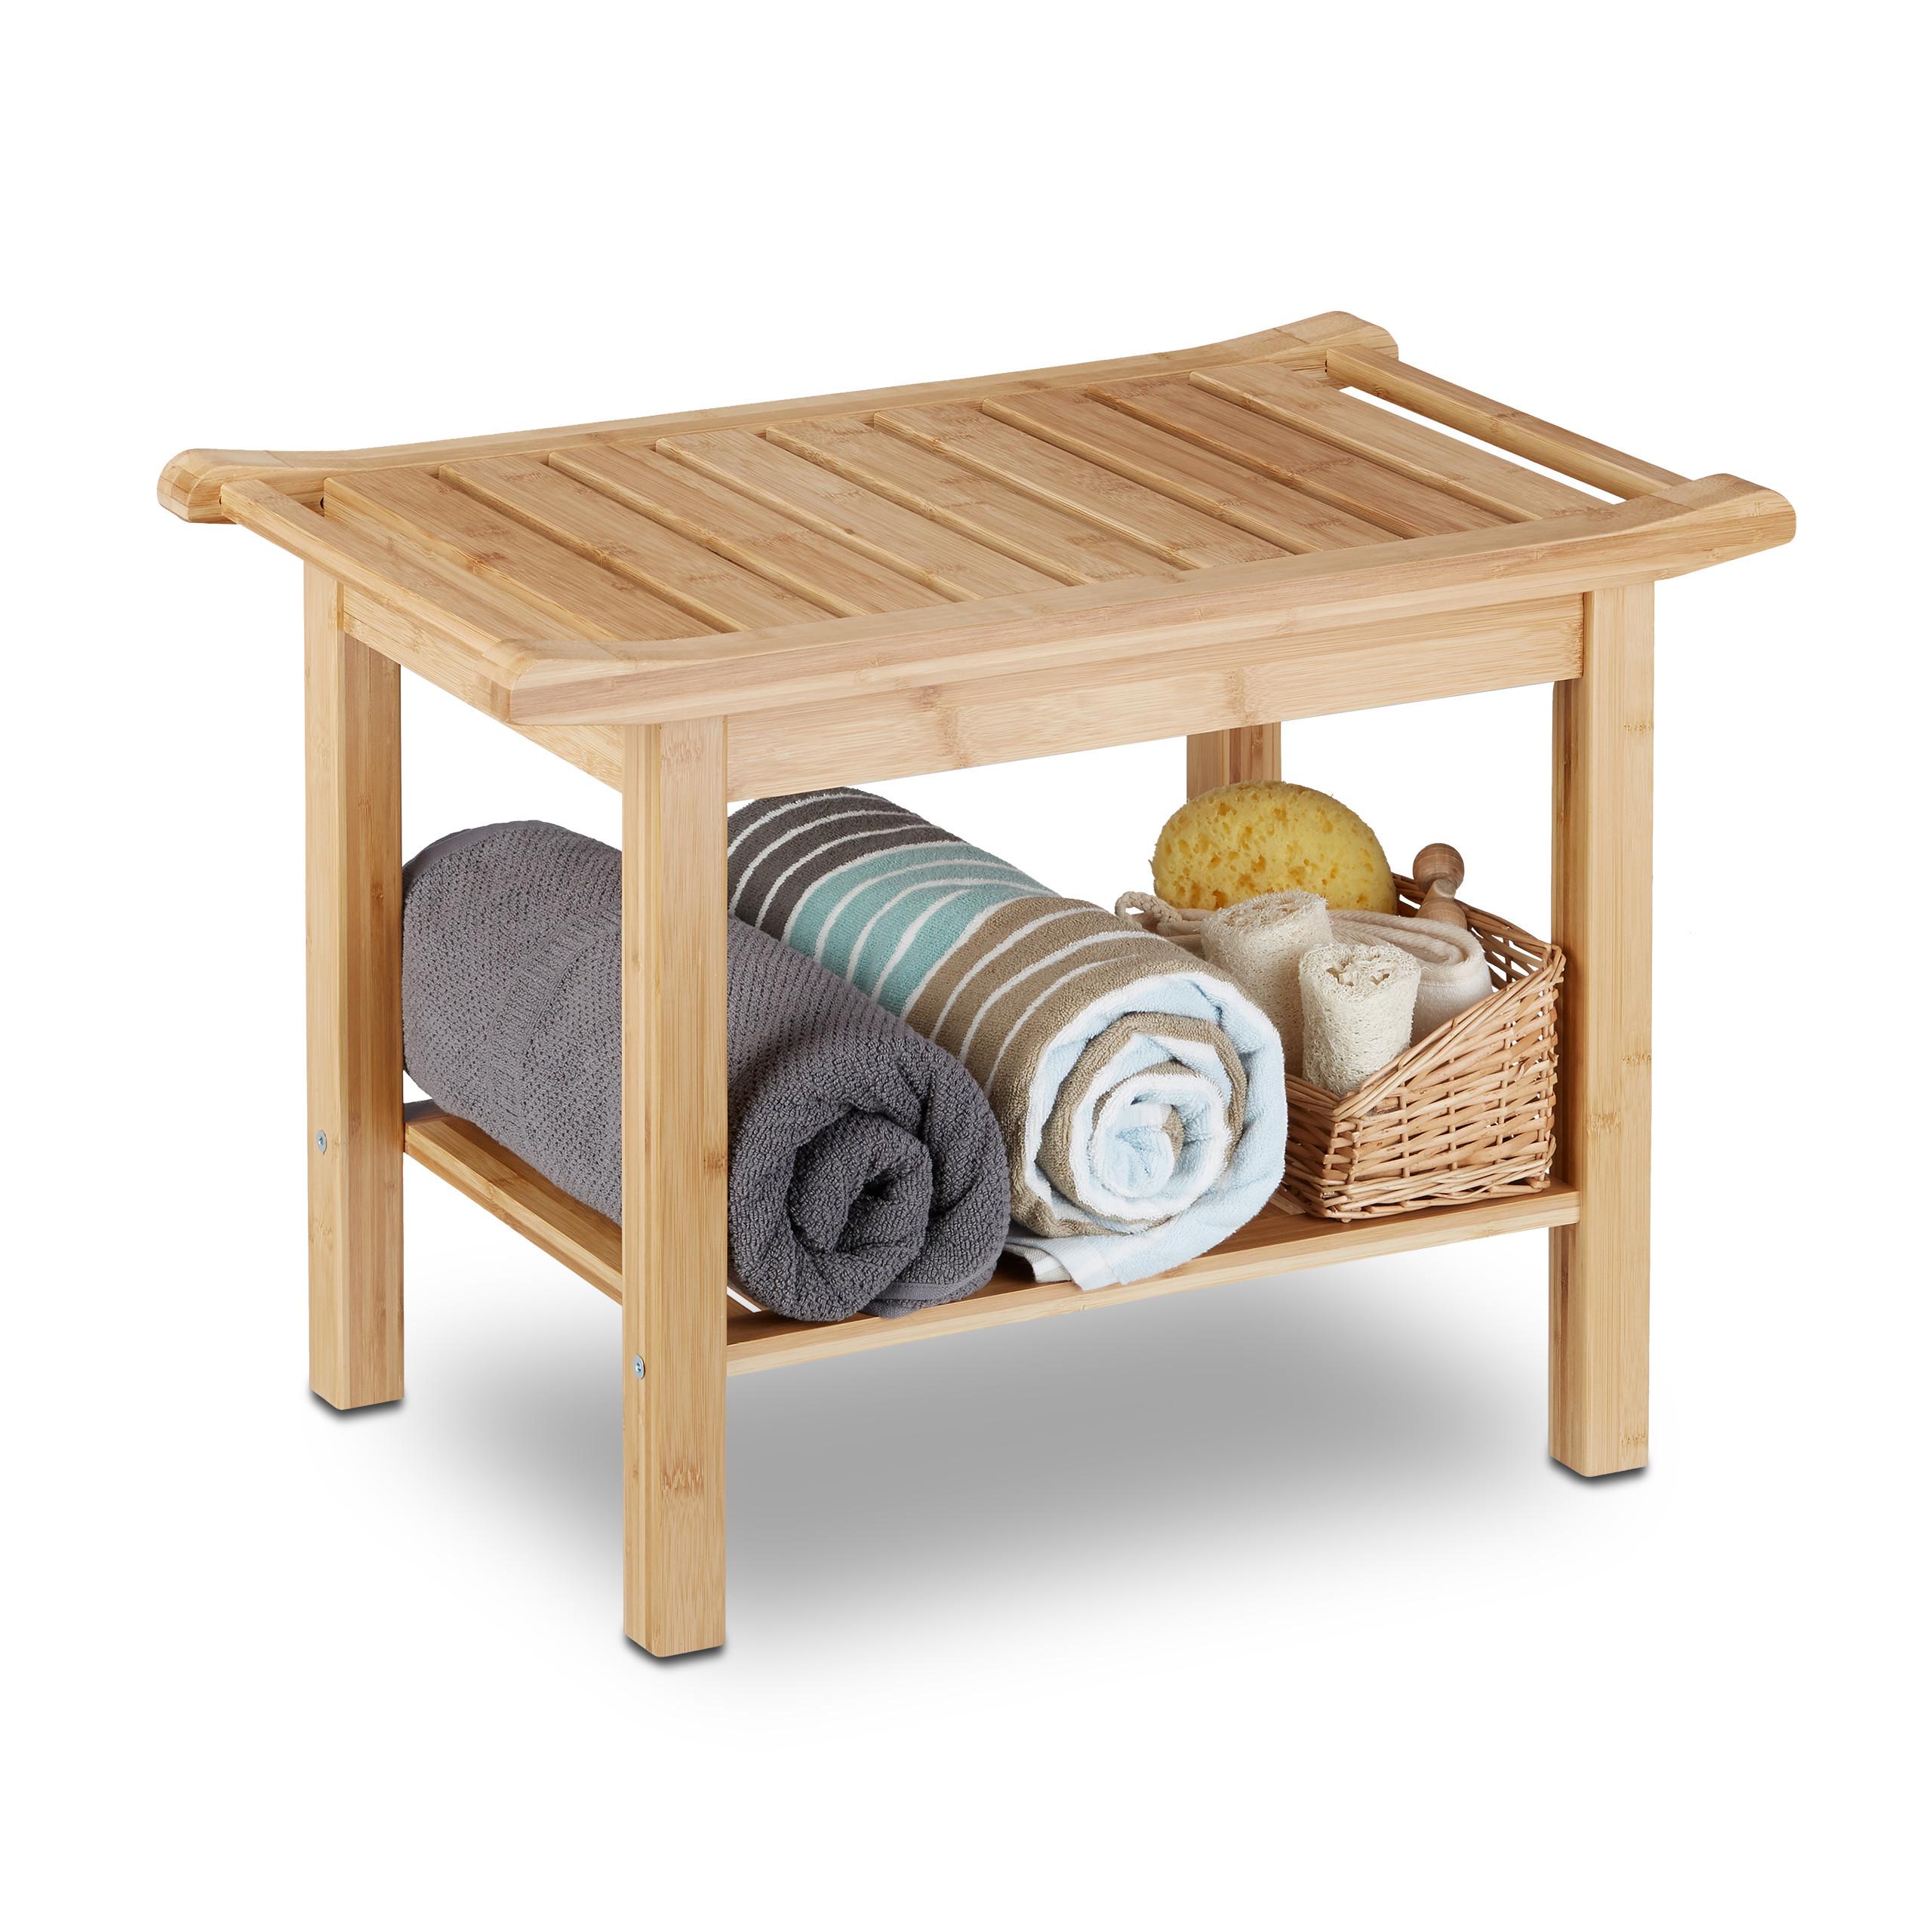 Details zu Badezimmer Bank Bambus mit Ablage, natur Holz Bank fürs Bad,  Schuhfach, Sitzbank